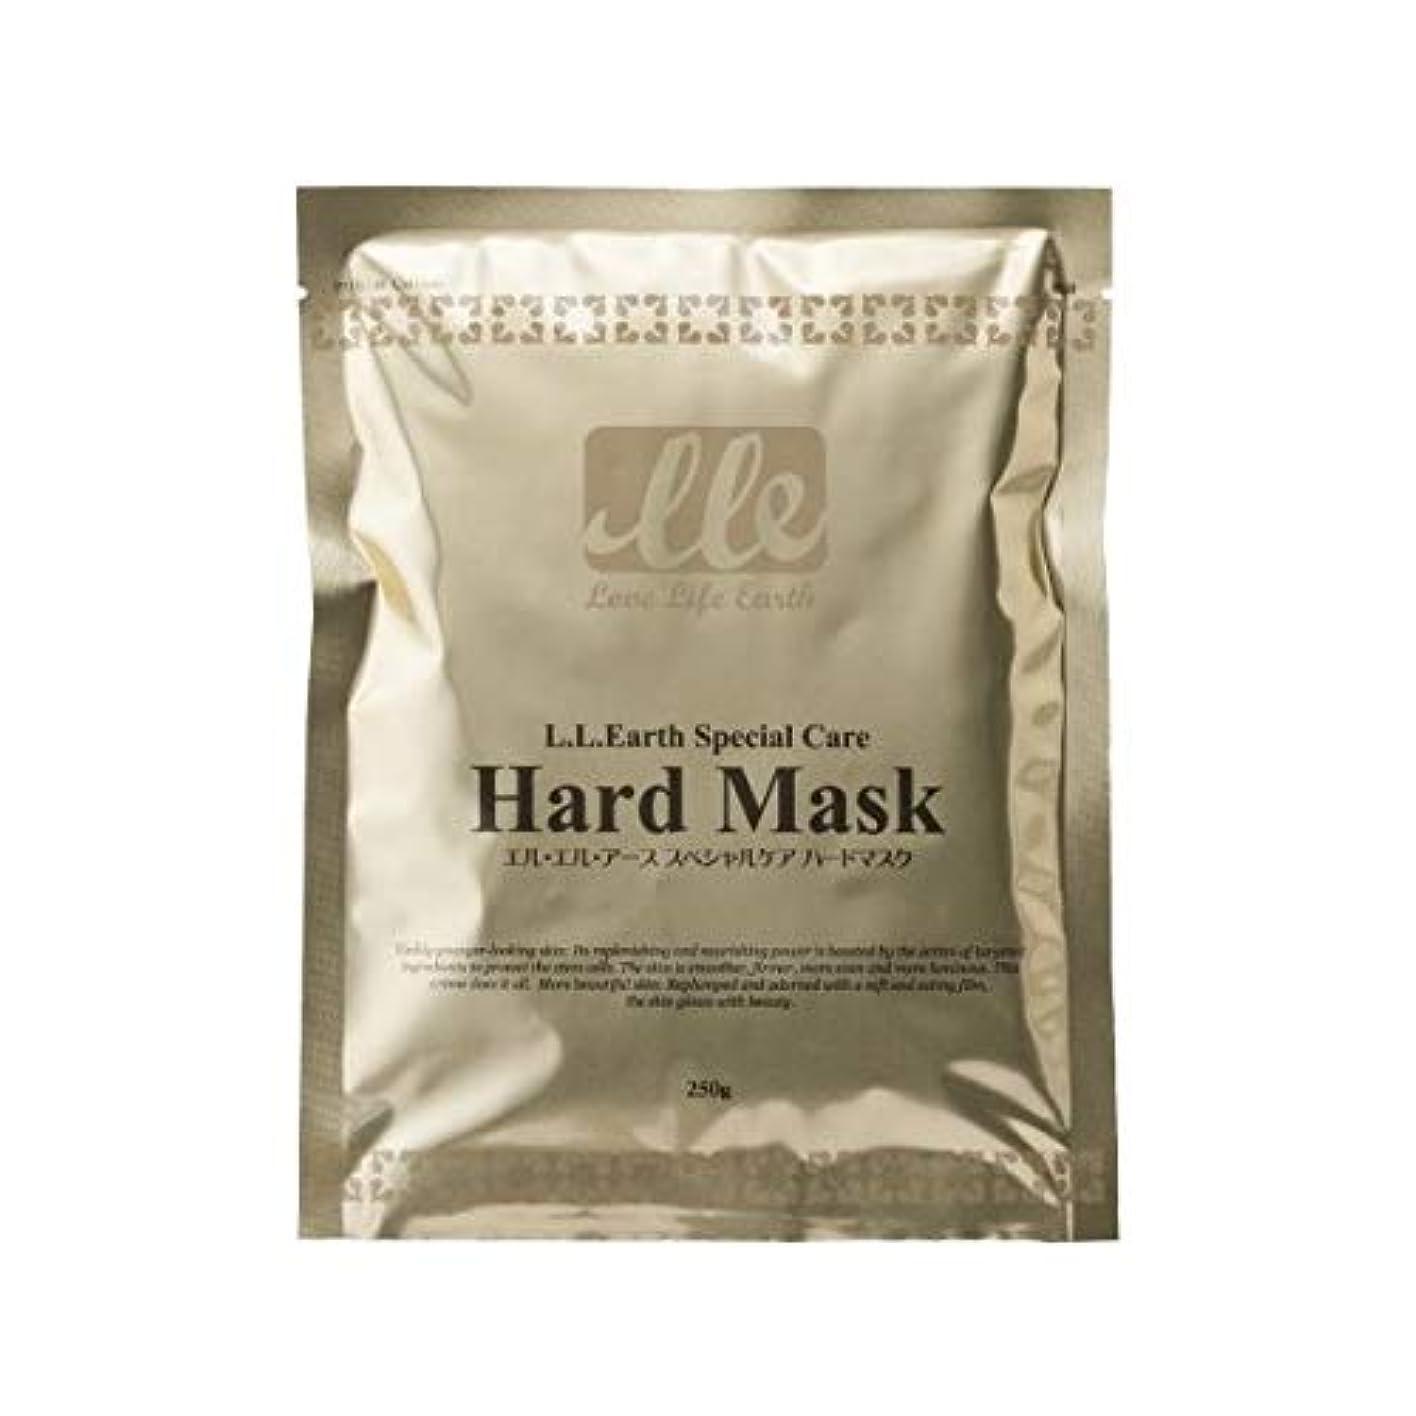 延ばす夜明け汚物LLE ハードマスク 業務用 250g×5 石膏パック フェイスパック パック エステ用品